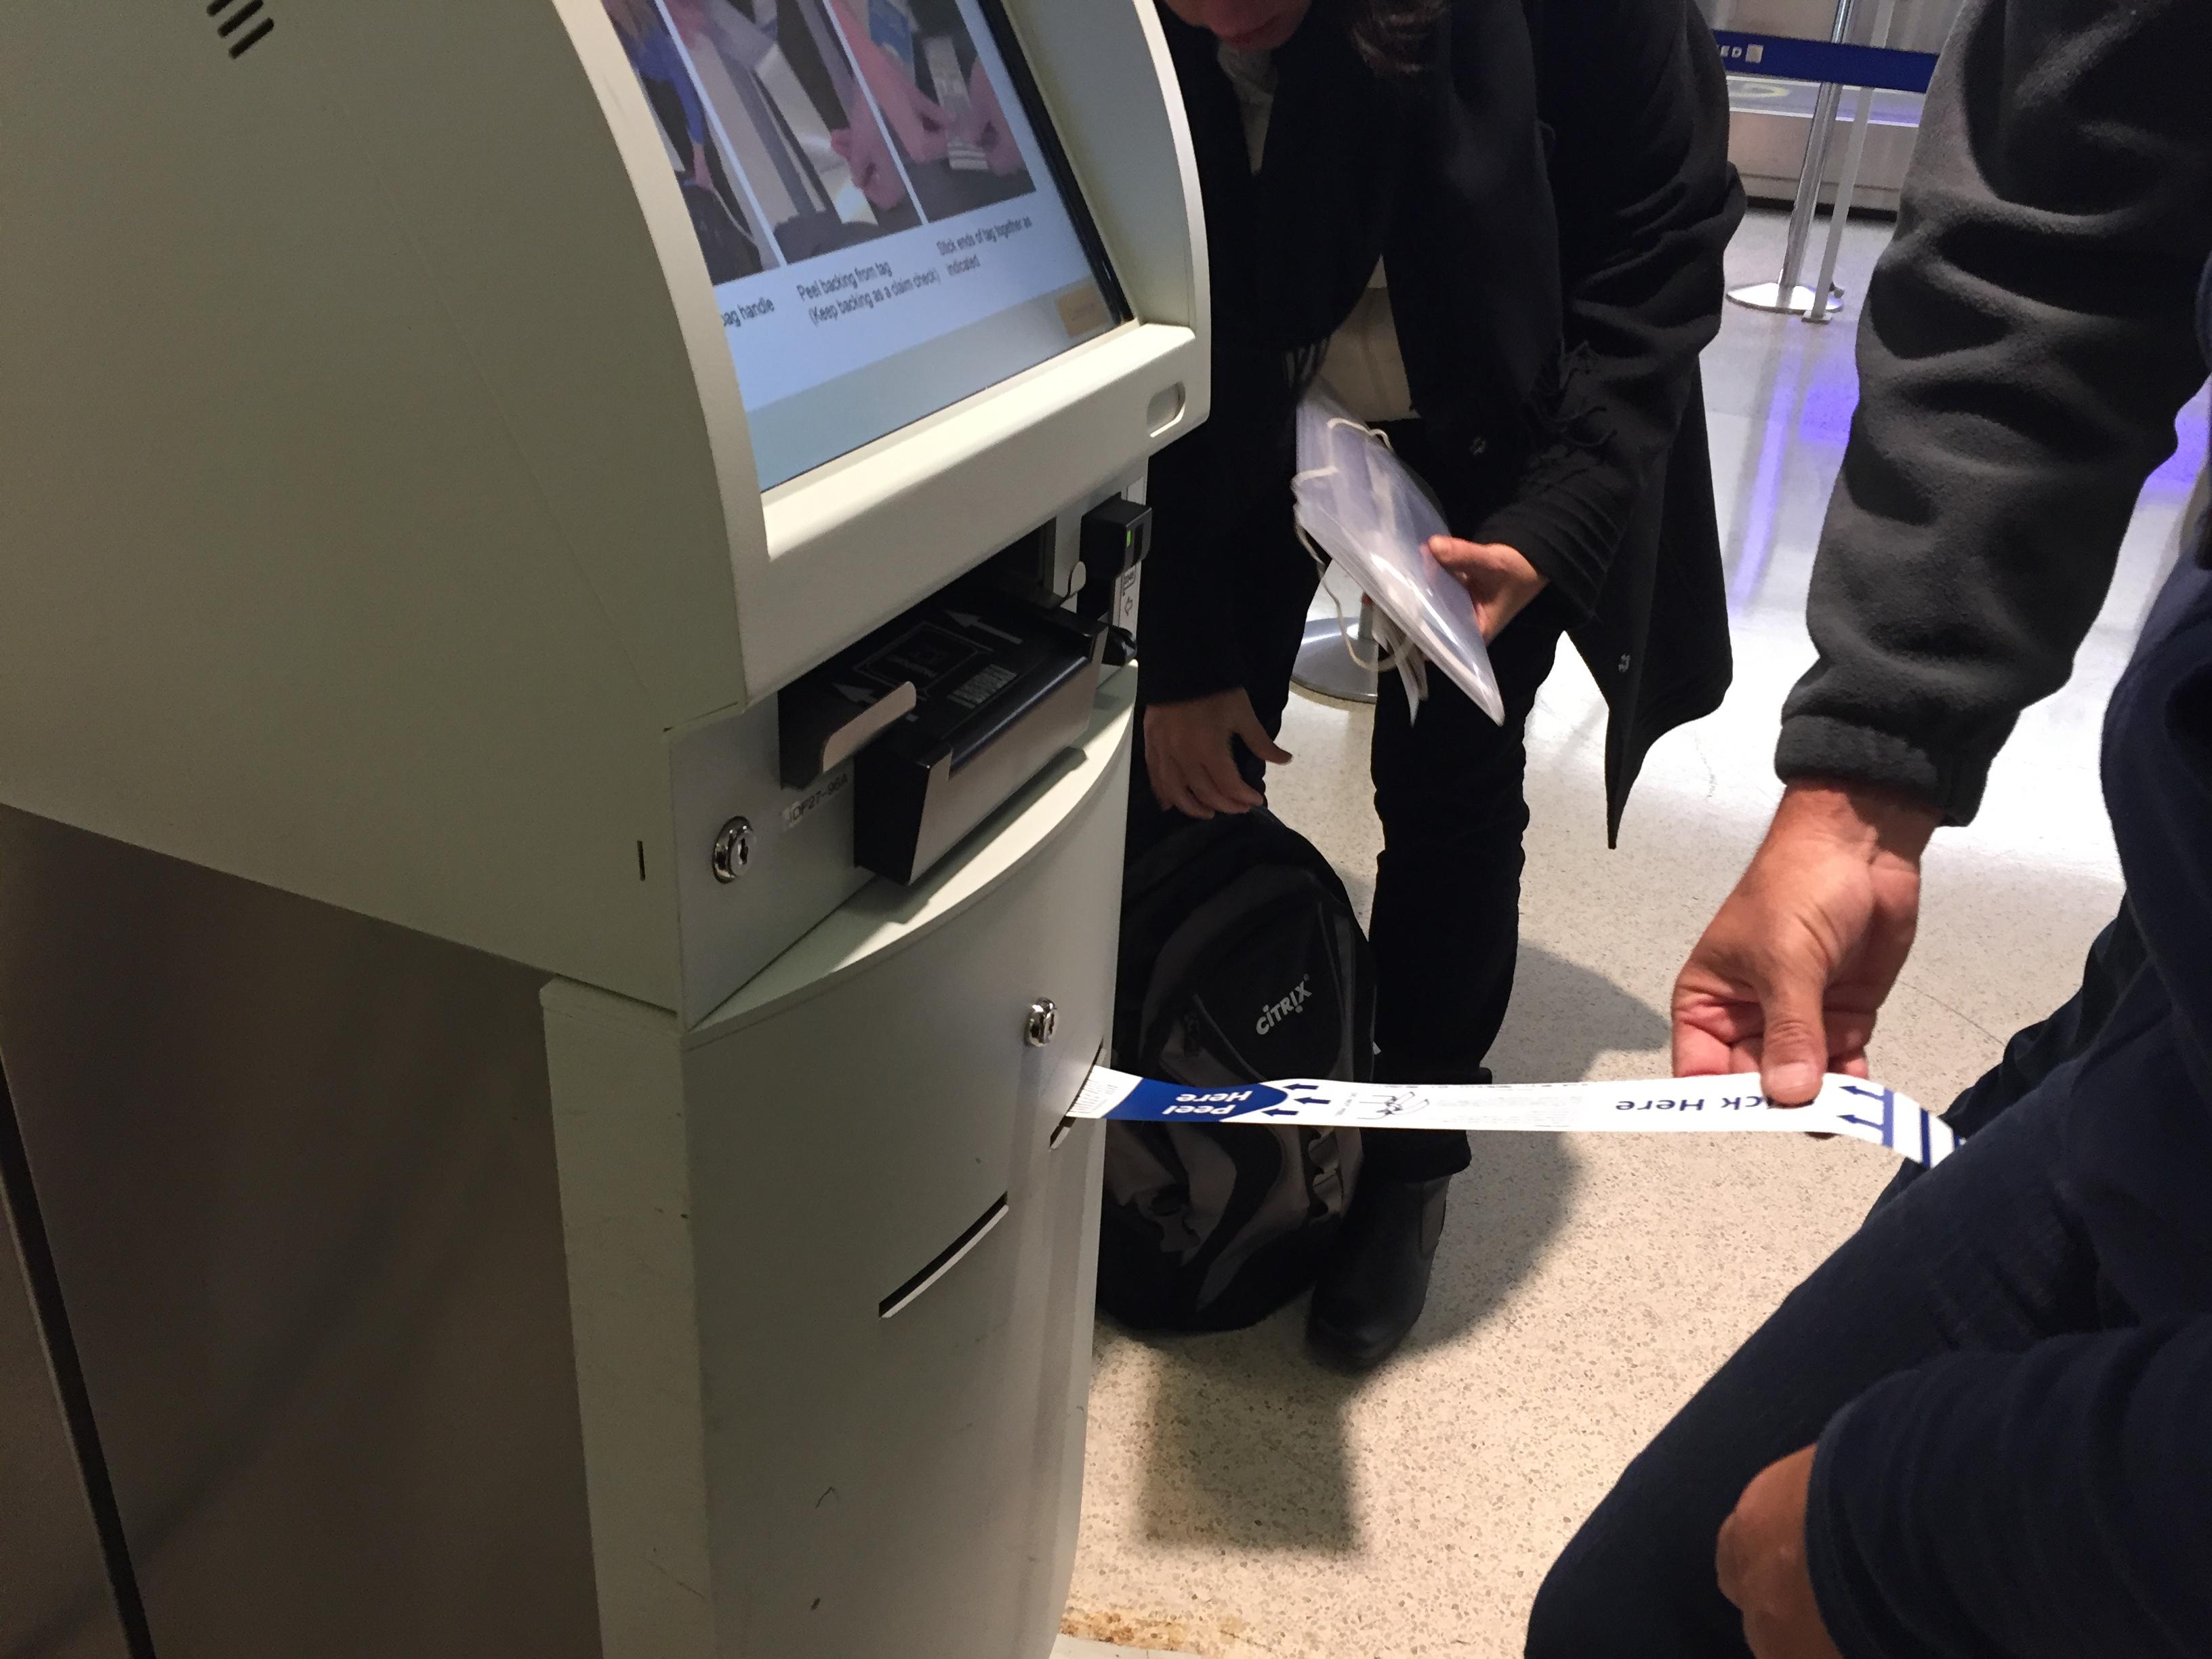 IMG 3576 - Haciendo el check in automático de United en Newark